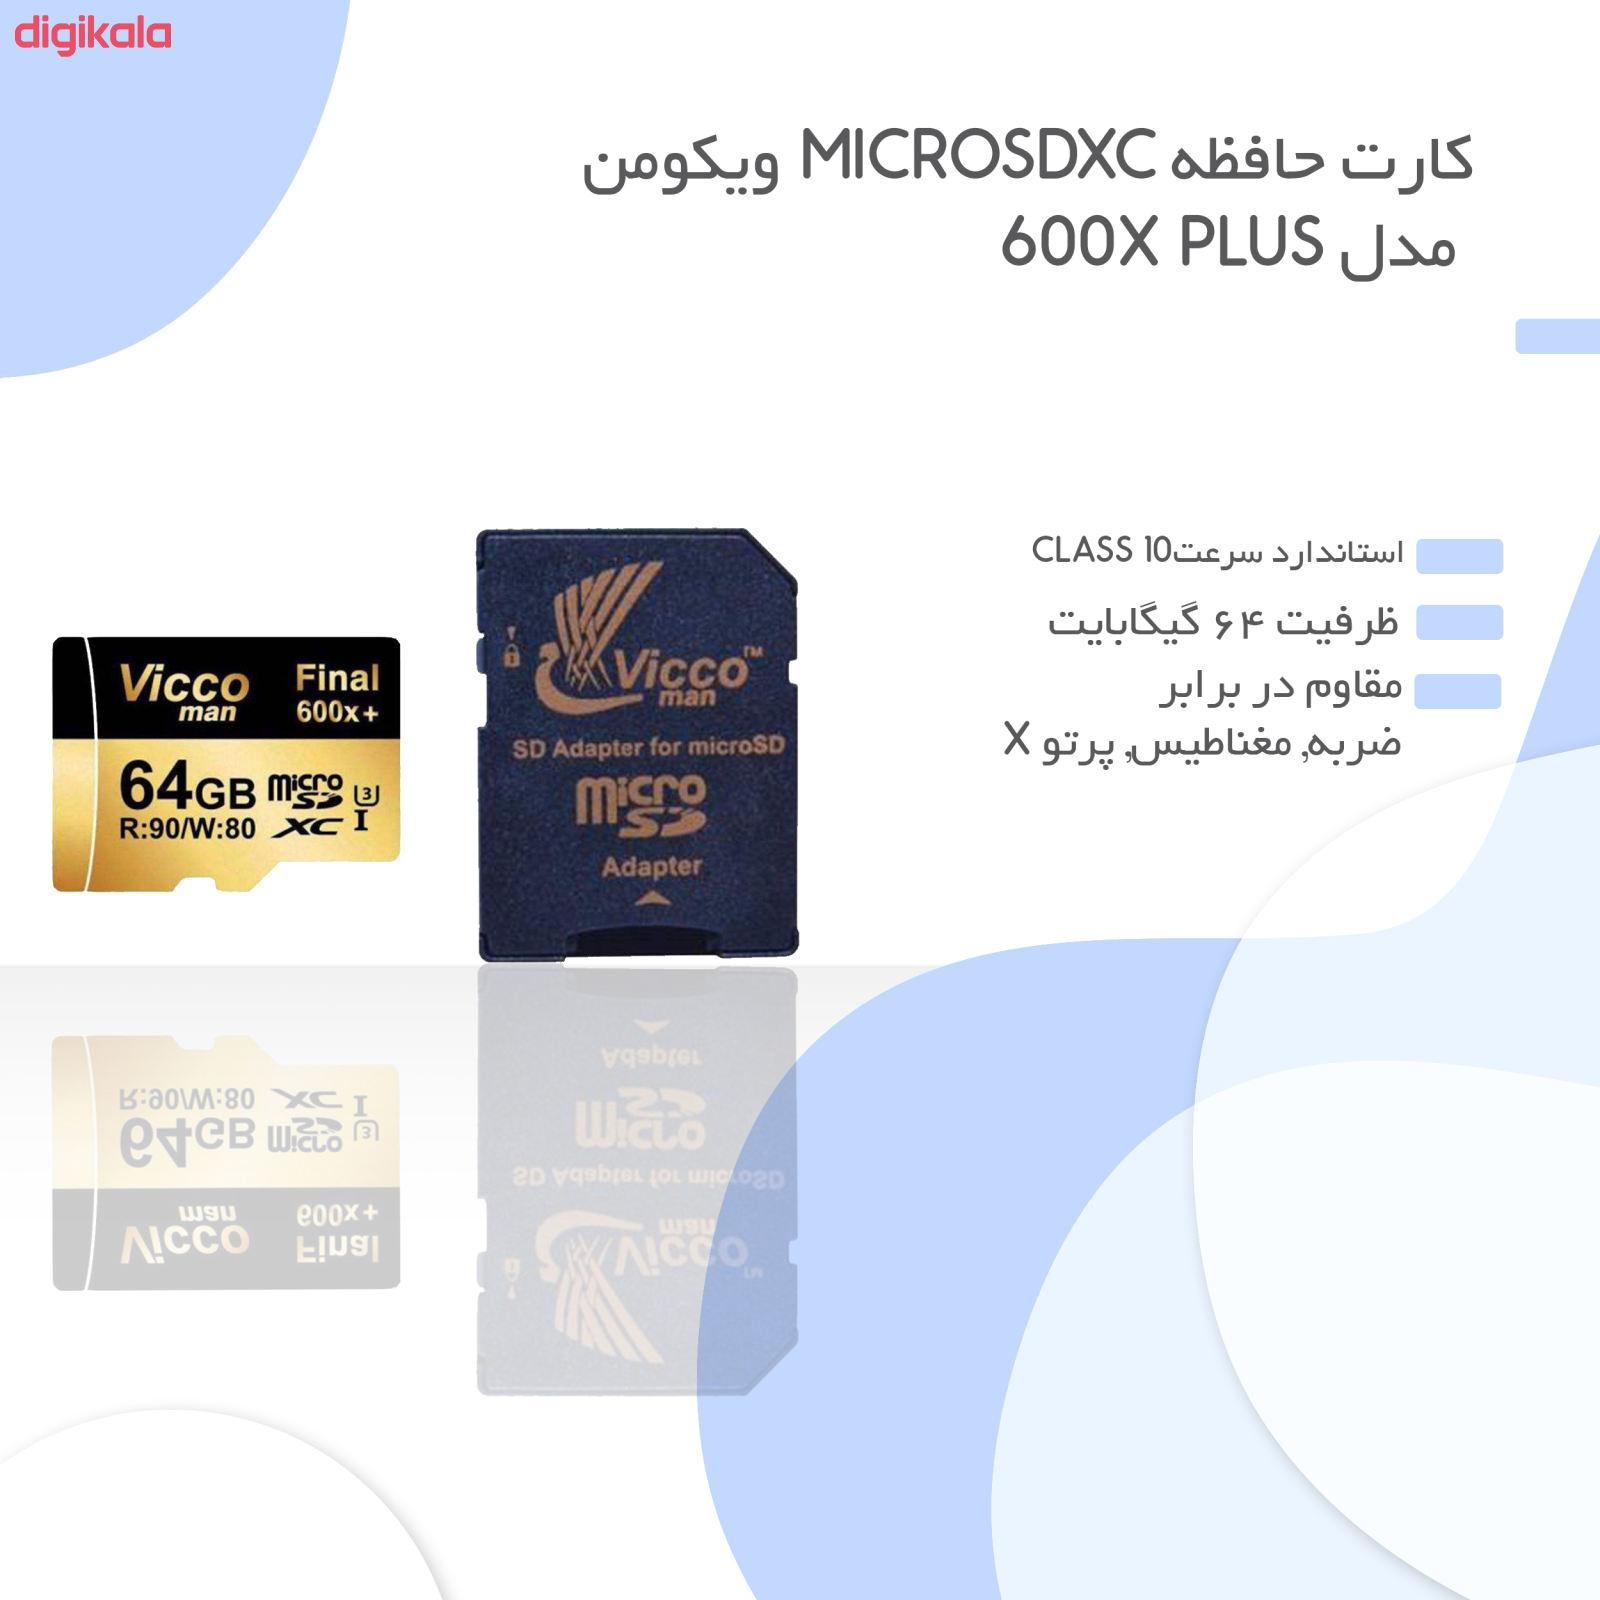 کارت حافظه microSDXC ویکومن مدل 600x plus کلاس 10 استاندارد UHS-I U3 سرعت 90MBs ظرفیت 64 گیگابایت به همراه آداپتور SD main 1 3